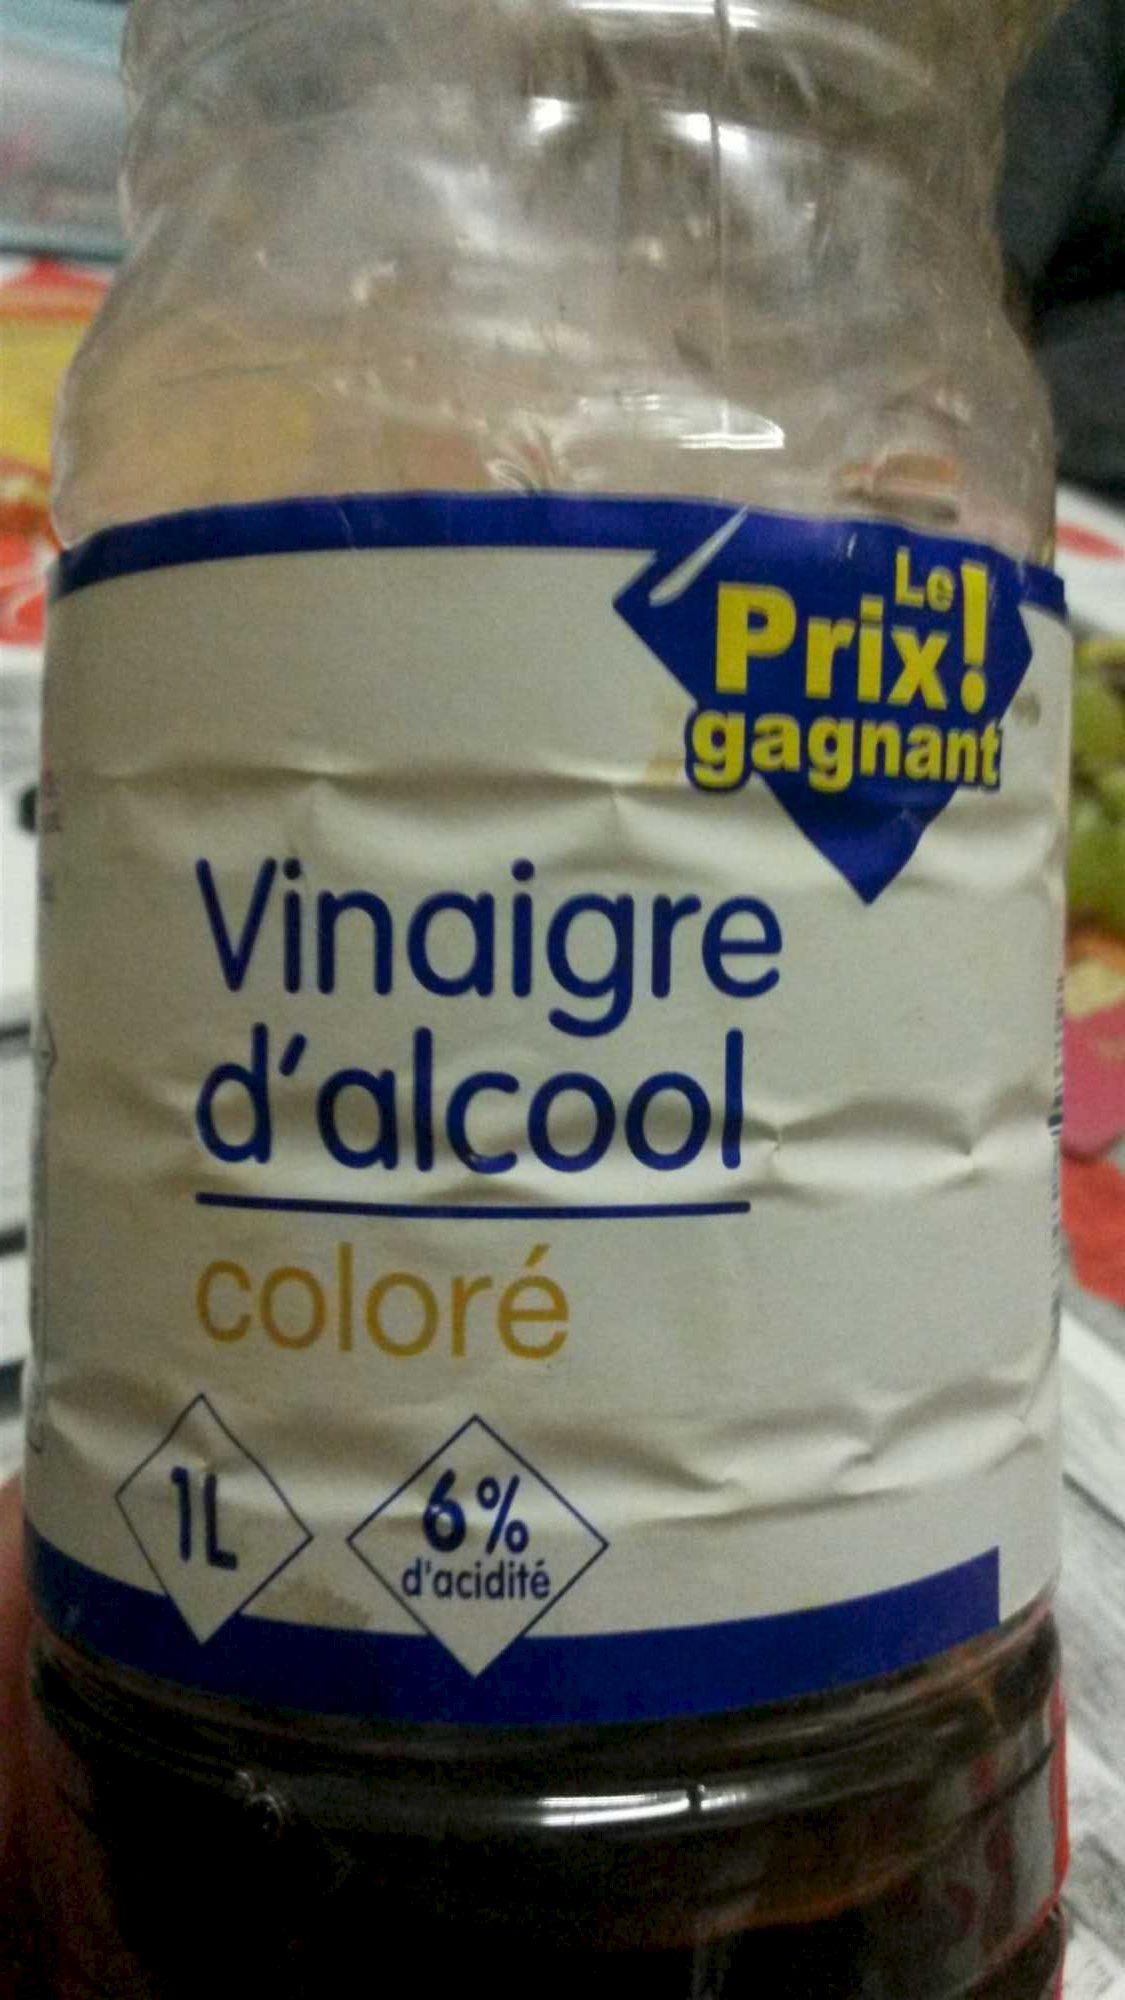 Vinaigre d 39 alcool color 1 l - Vinaigre d alcool cuisine ...